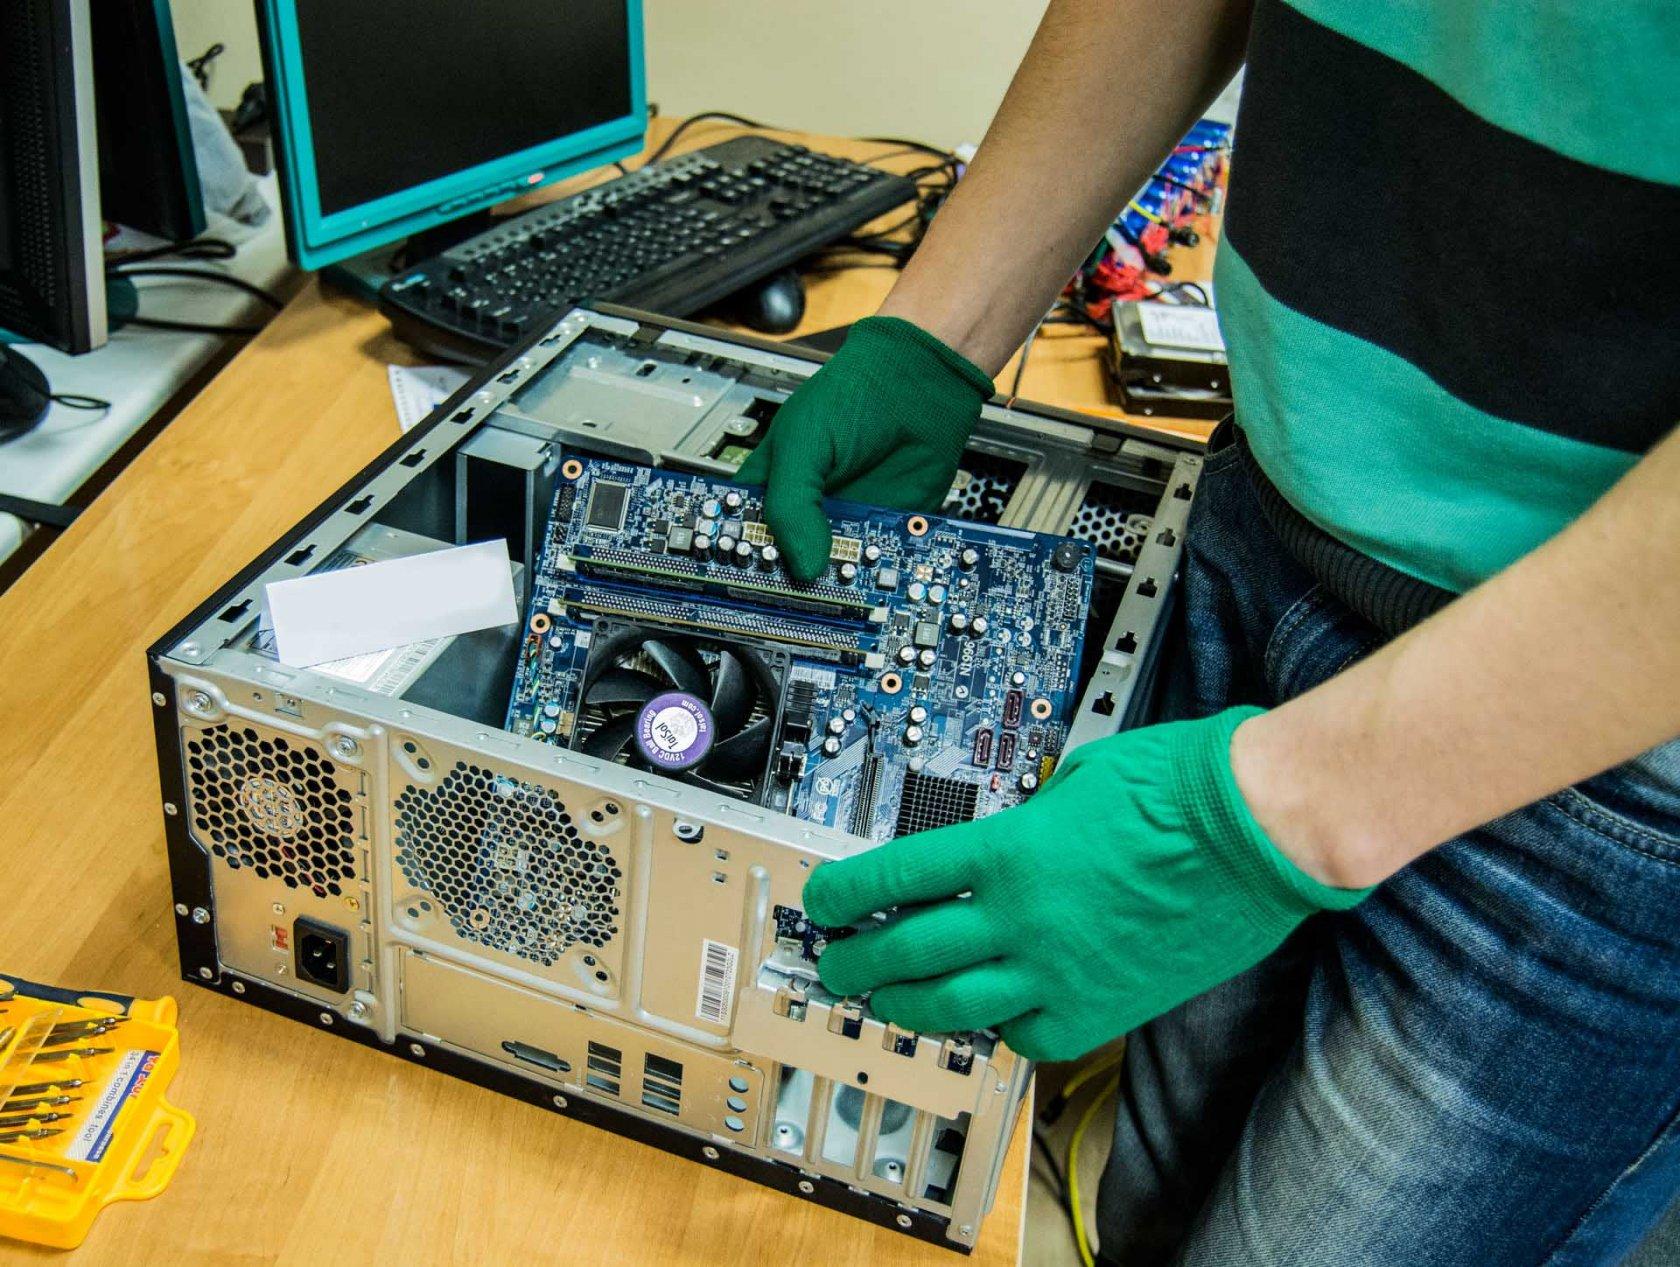 Ремонт компьютеров на дому павел